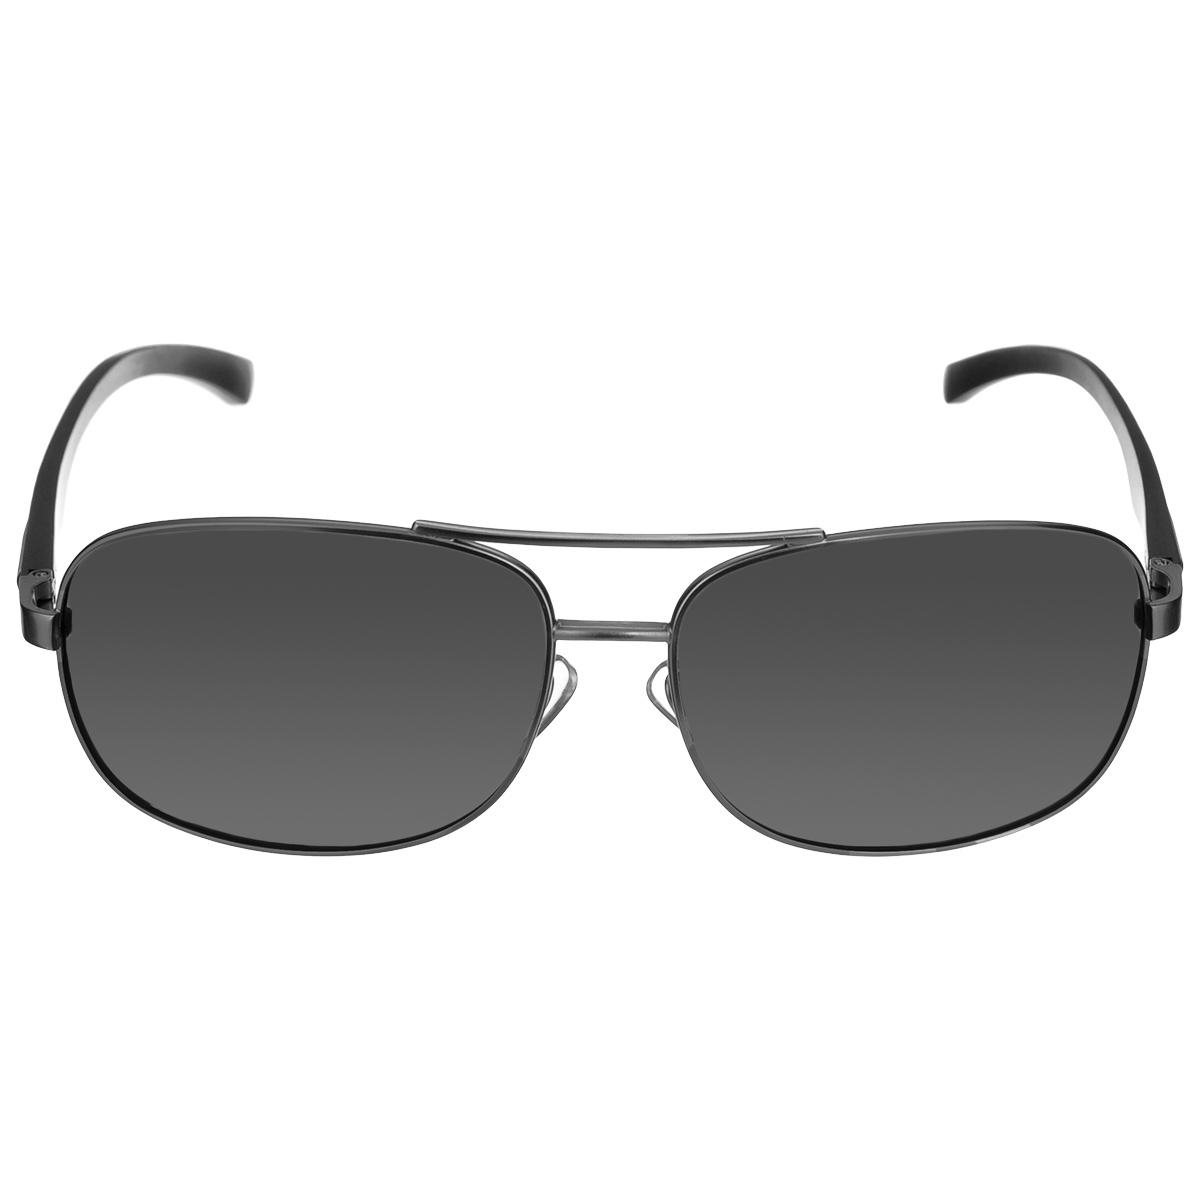 Очки мужские, поляризационные Cafa France, цвет: серый. CF8505